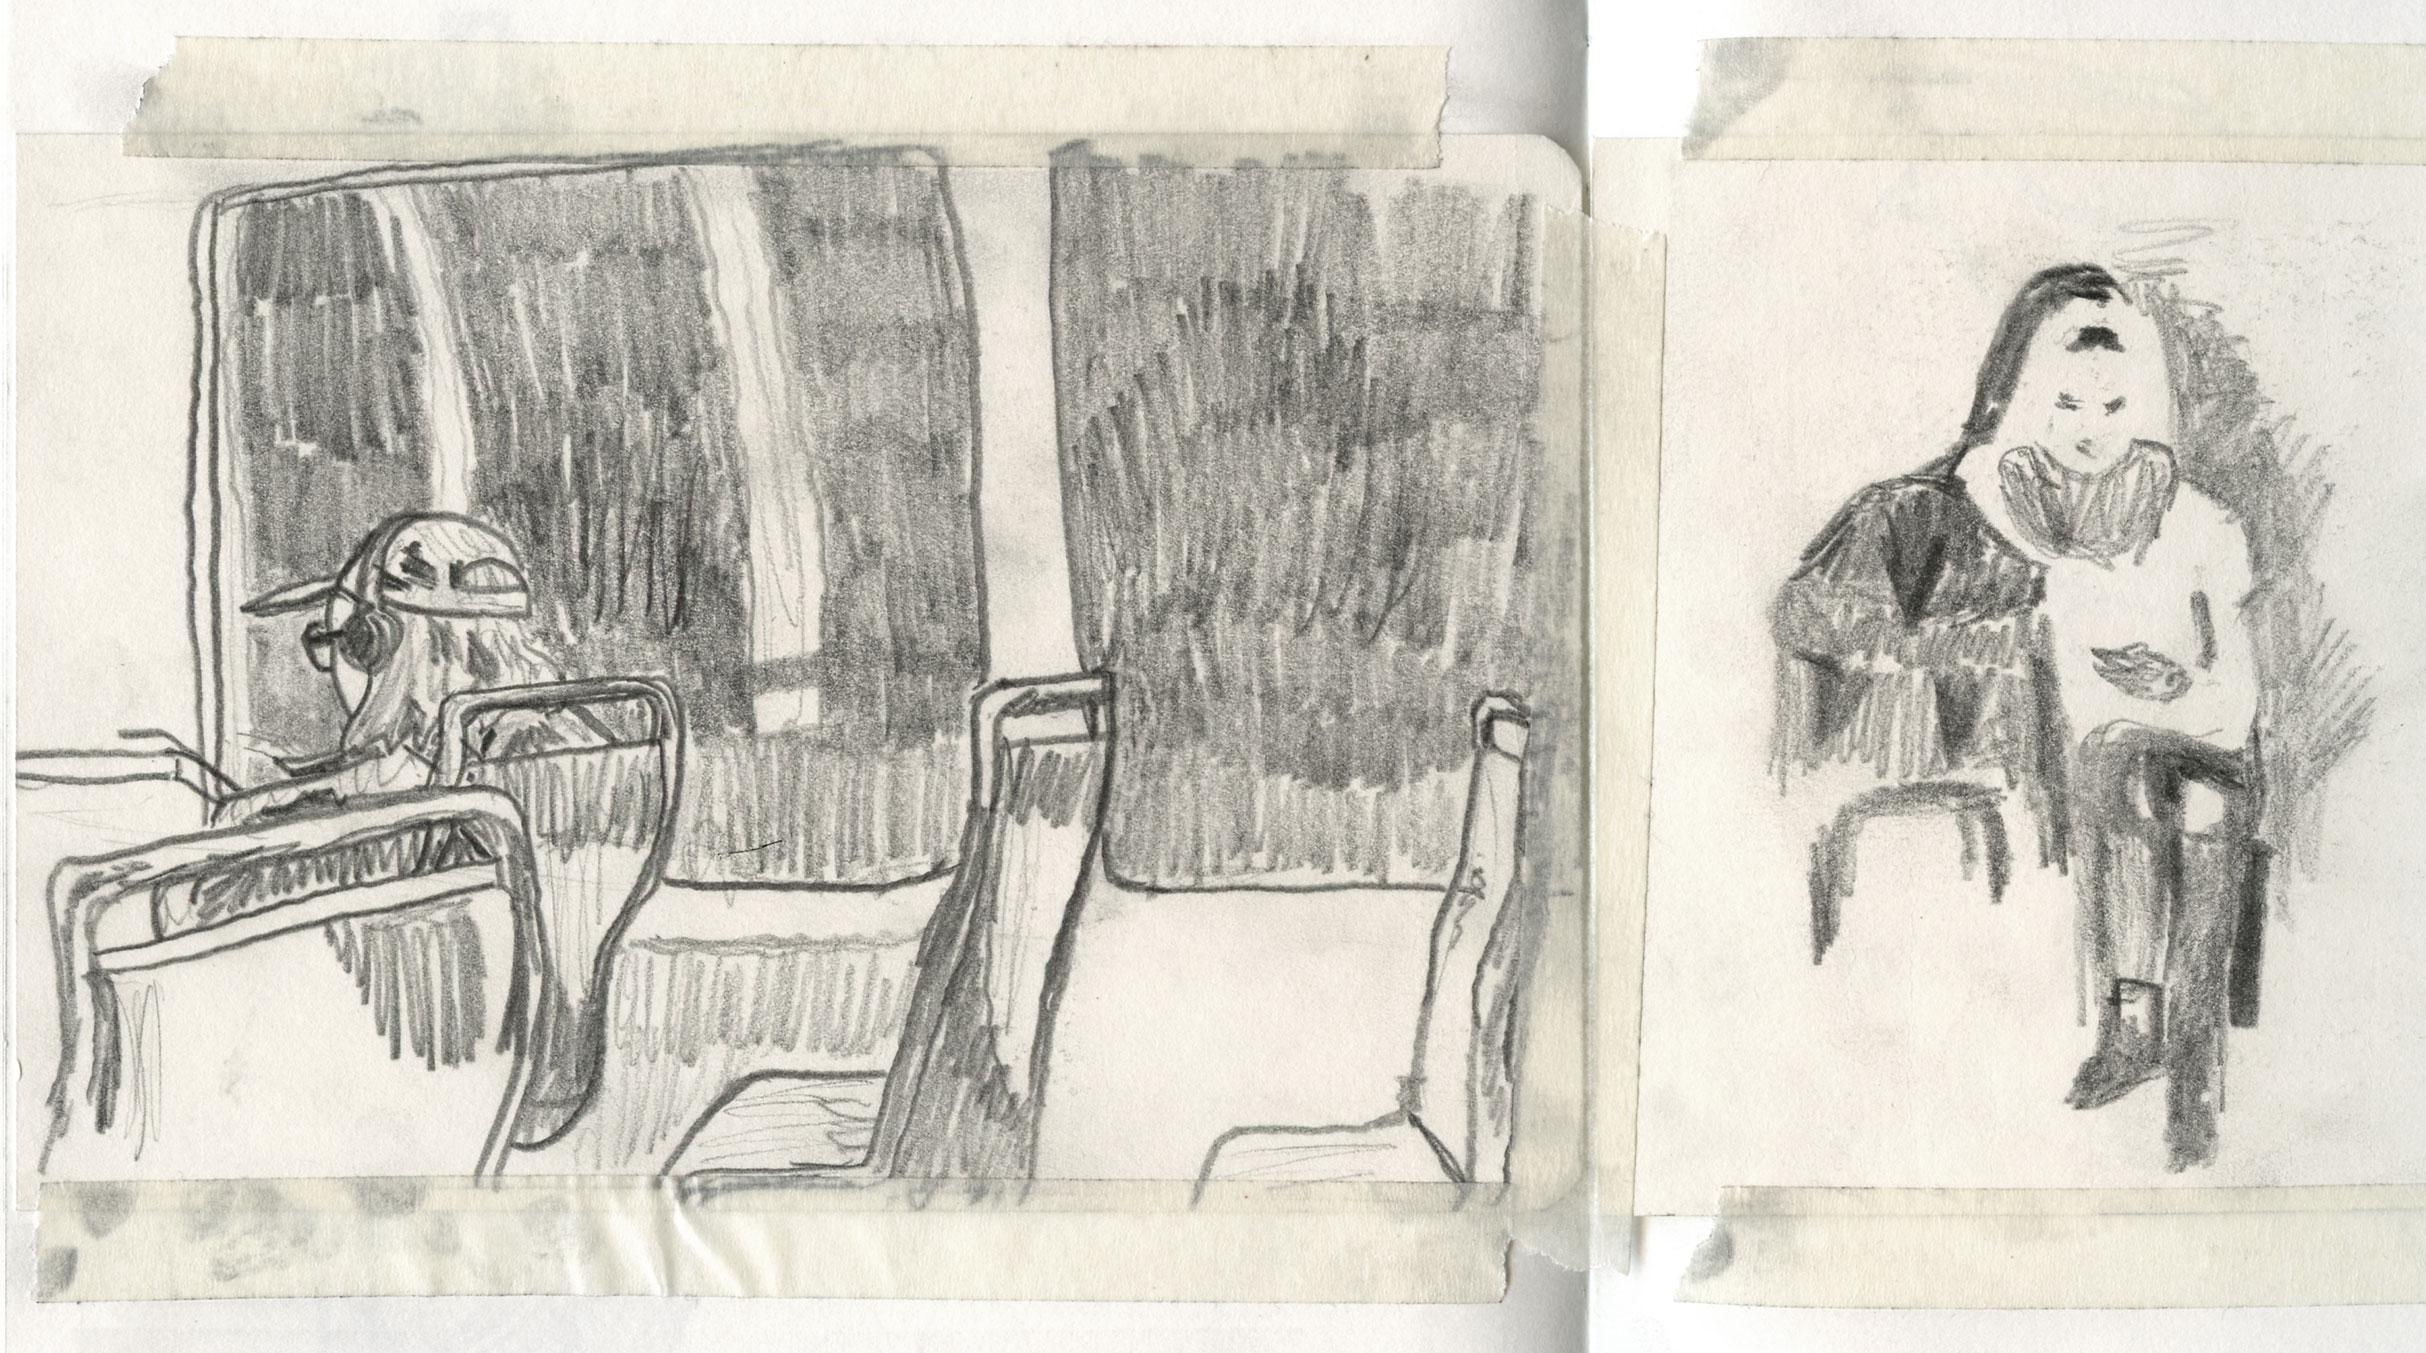 sketch of commuters by ellen vesters illustrator ma childrens book illustration